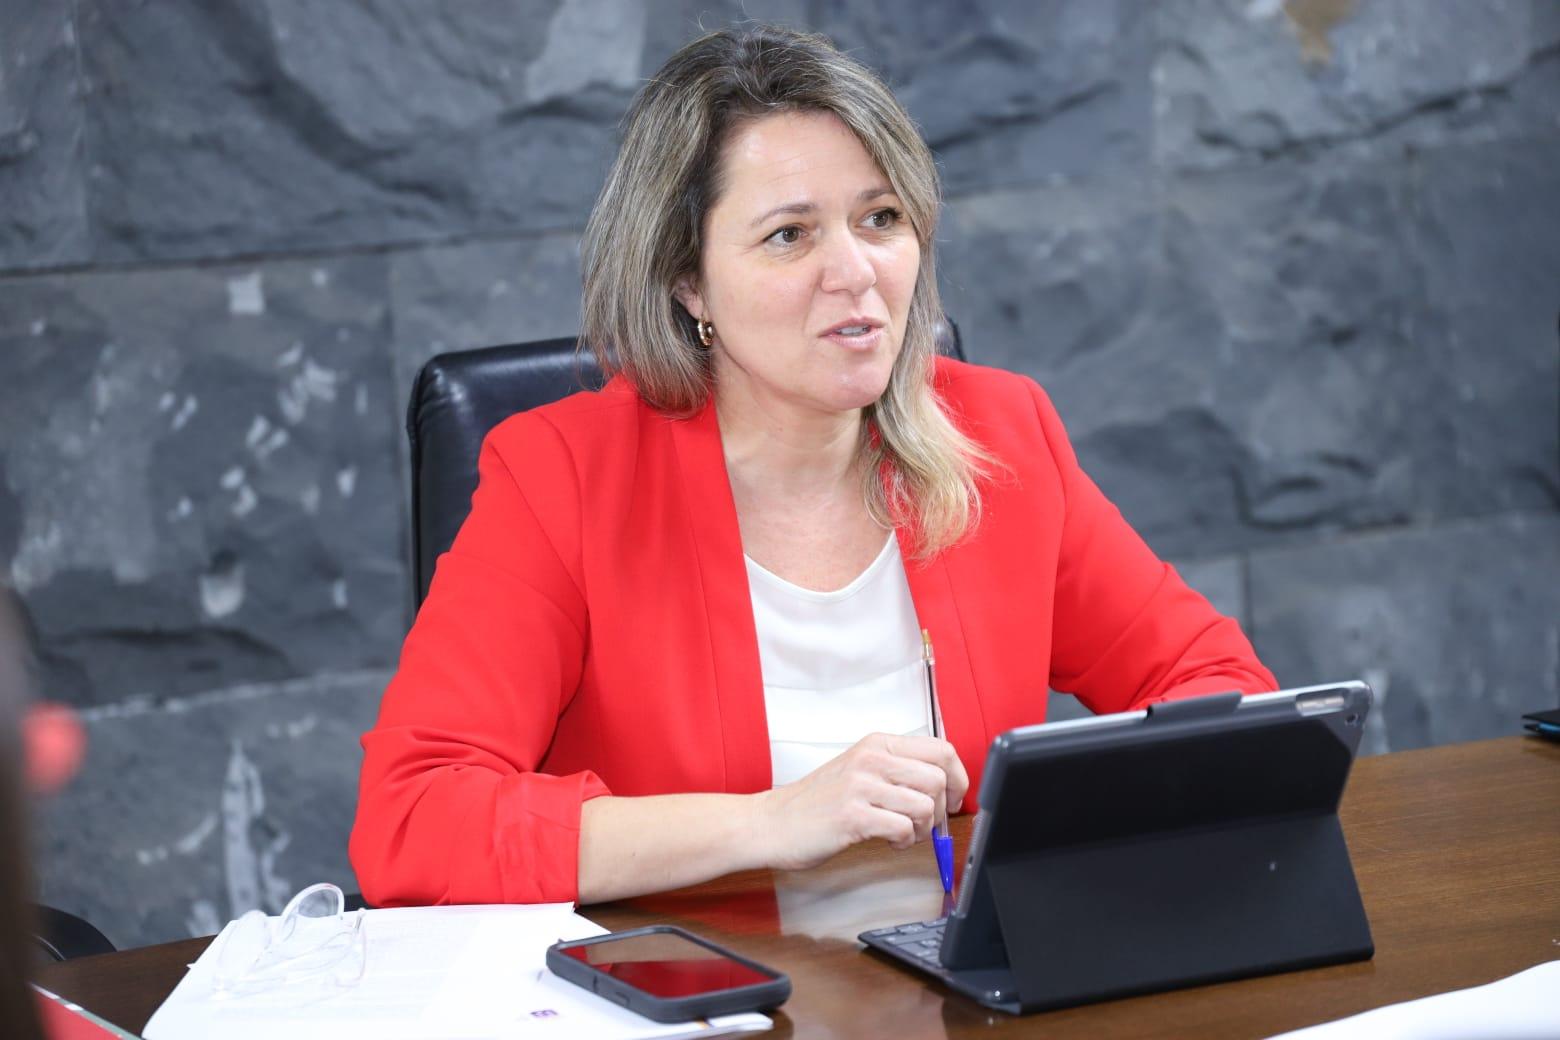 El Gobierno canario concede más de un millón de euros para la creación de empresas de jóvenes ganaderos